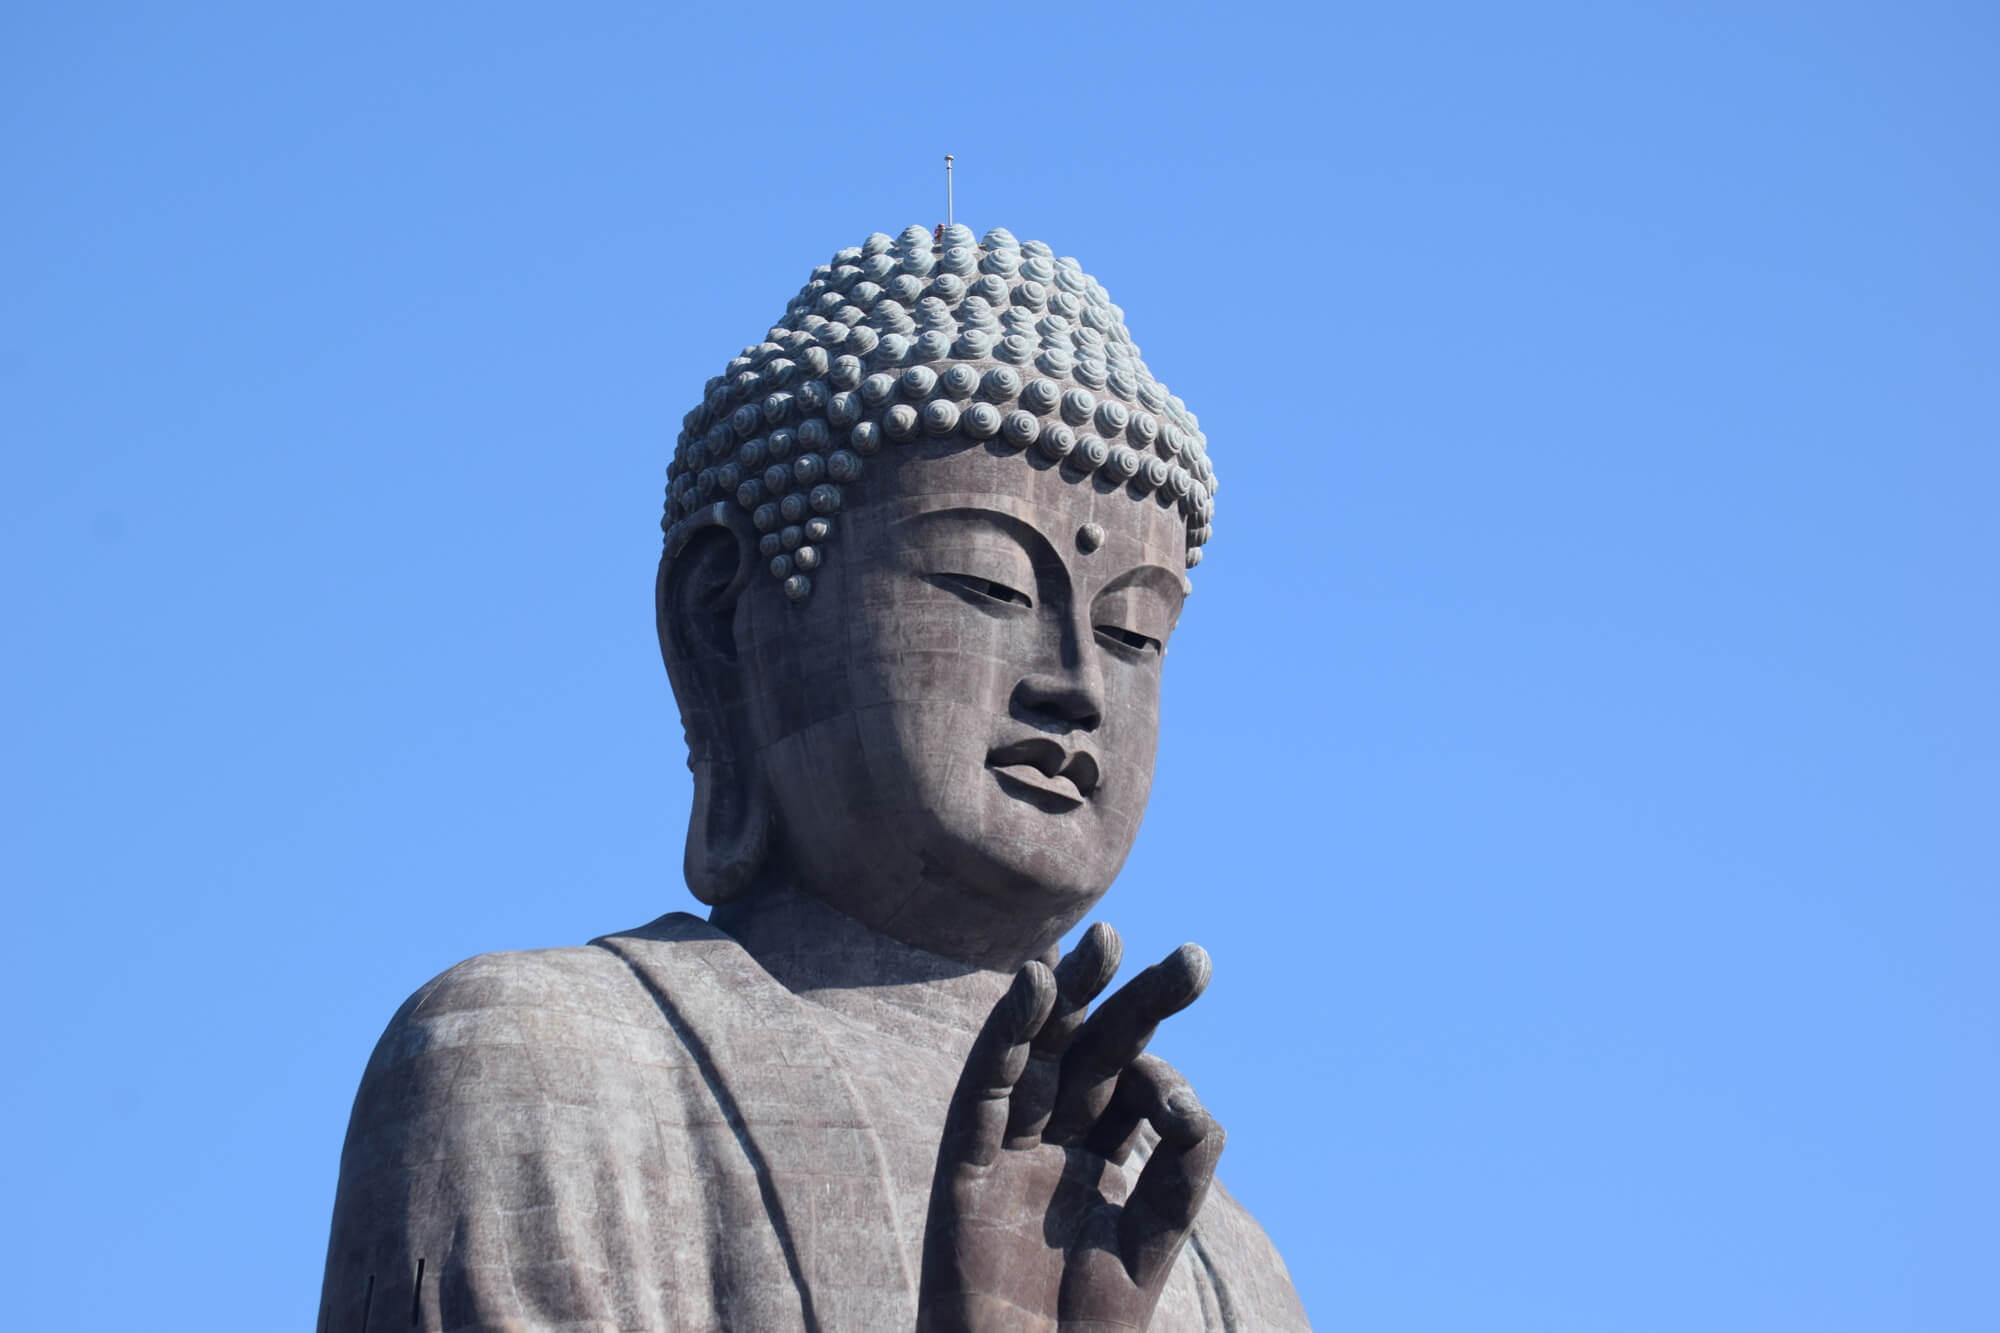 「釈迦でぇ〜す♪」で話題騒然のホスト、 「最も神に近い男」最神釈迦を大調査!